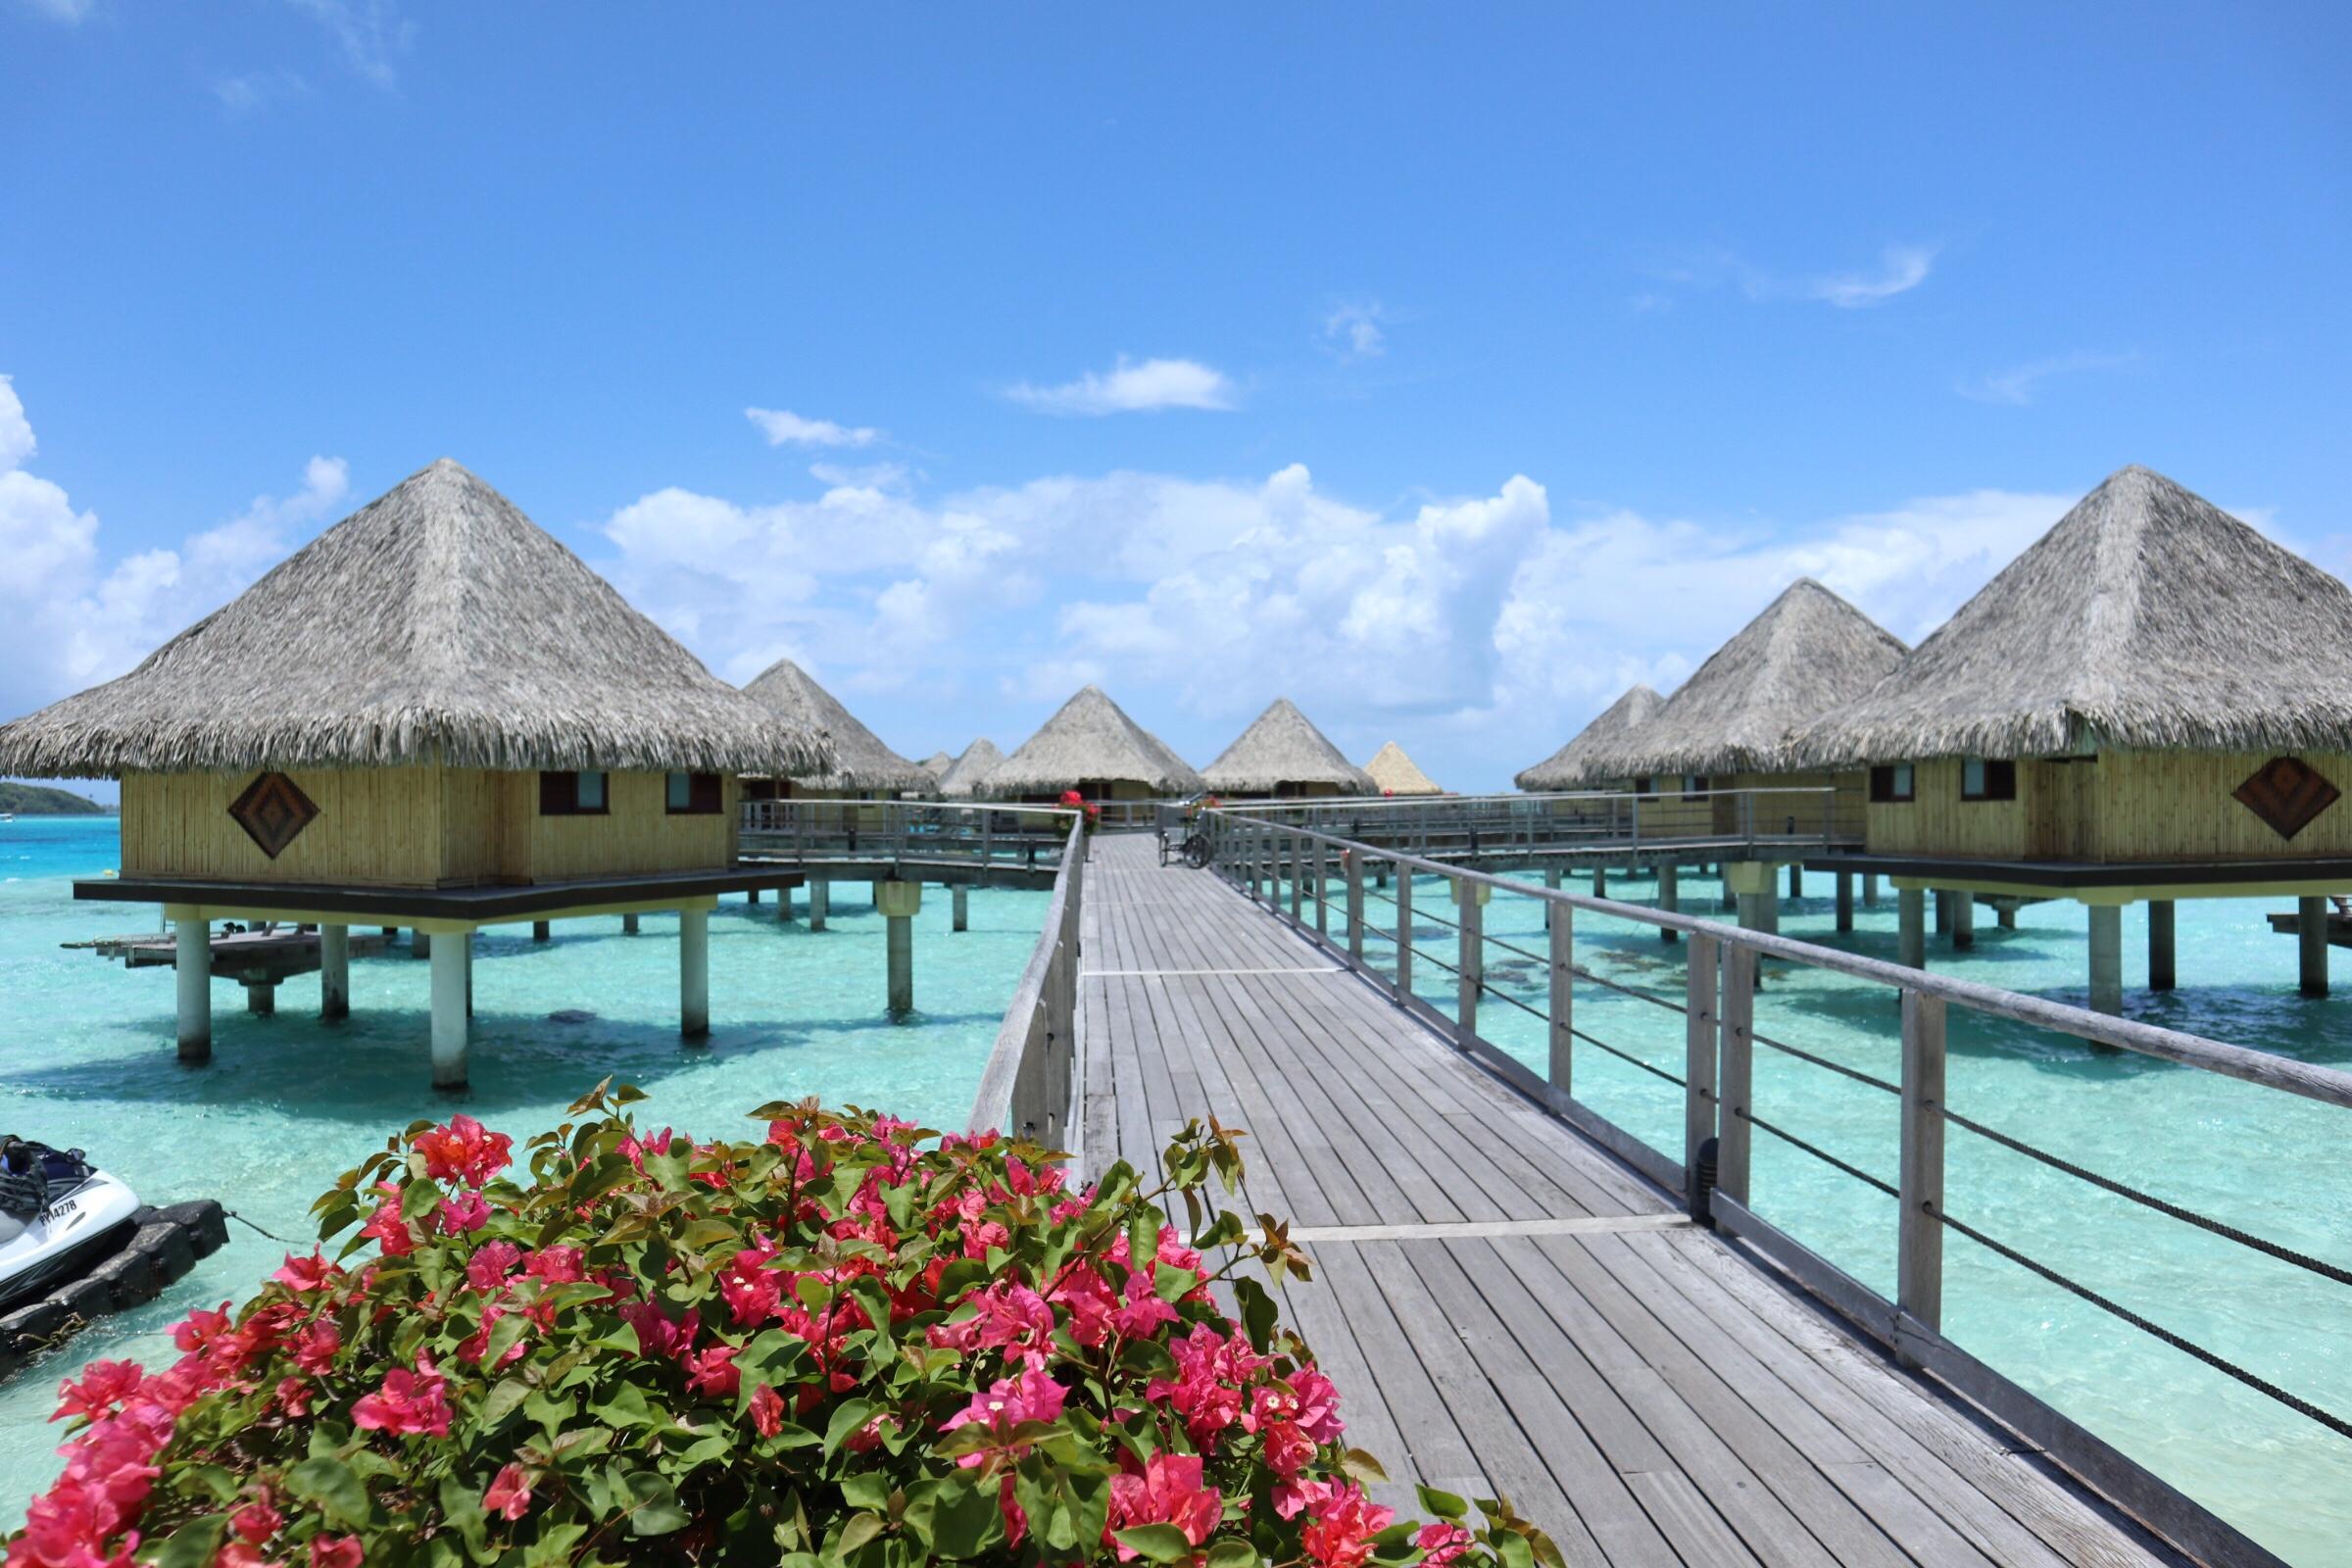 【タヒチ】天国か、ボラボラ島【リゾート】